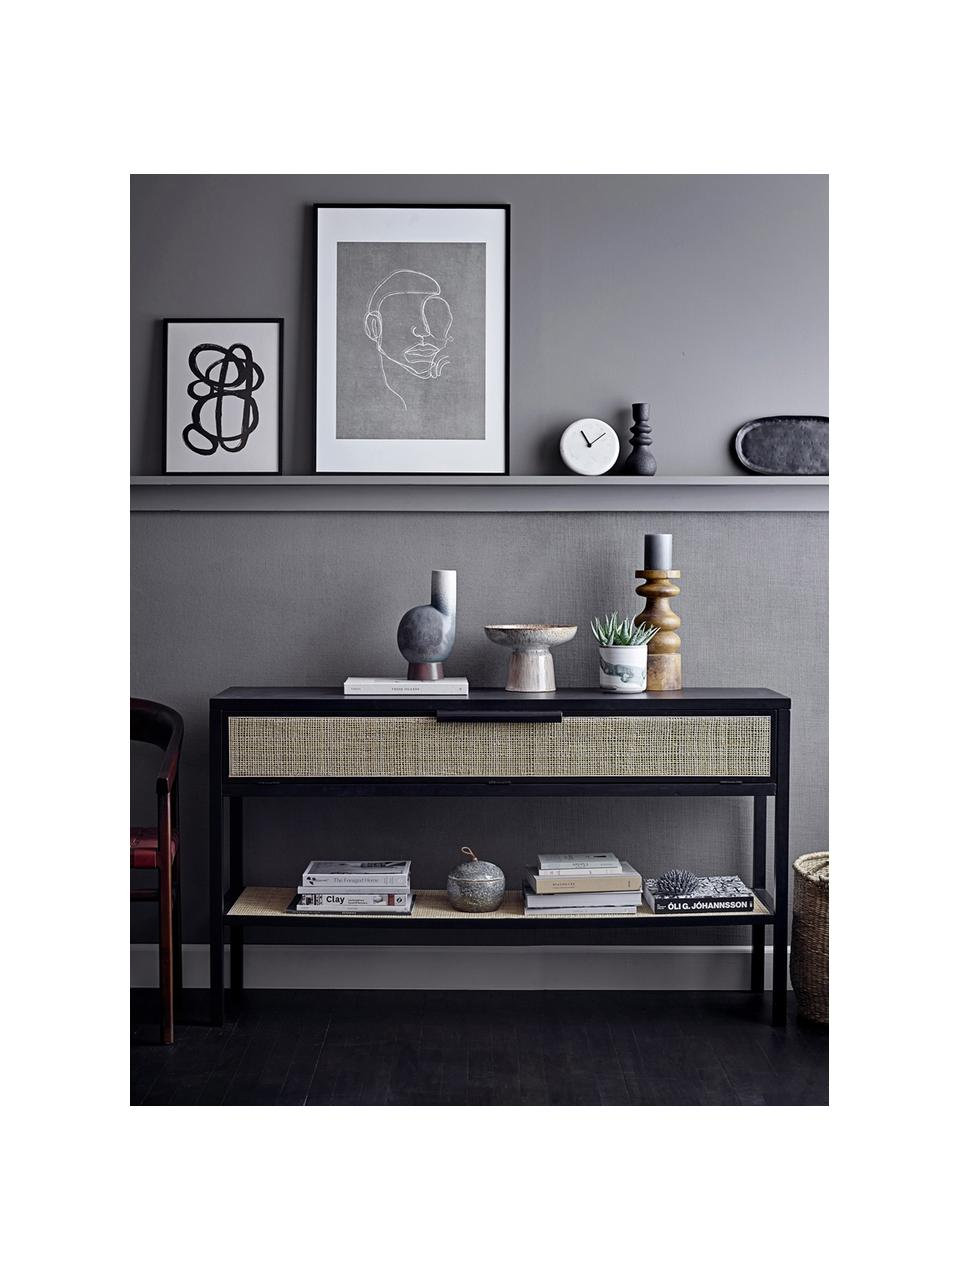 Gerahmter Digitaldruck Espen, Rahmen: Kiefernholz, beschichtet, Bild: Papier, Front: Glas, Schwarz, Greige, Weiß, 52 x 72 cm